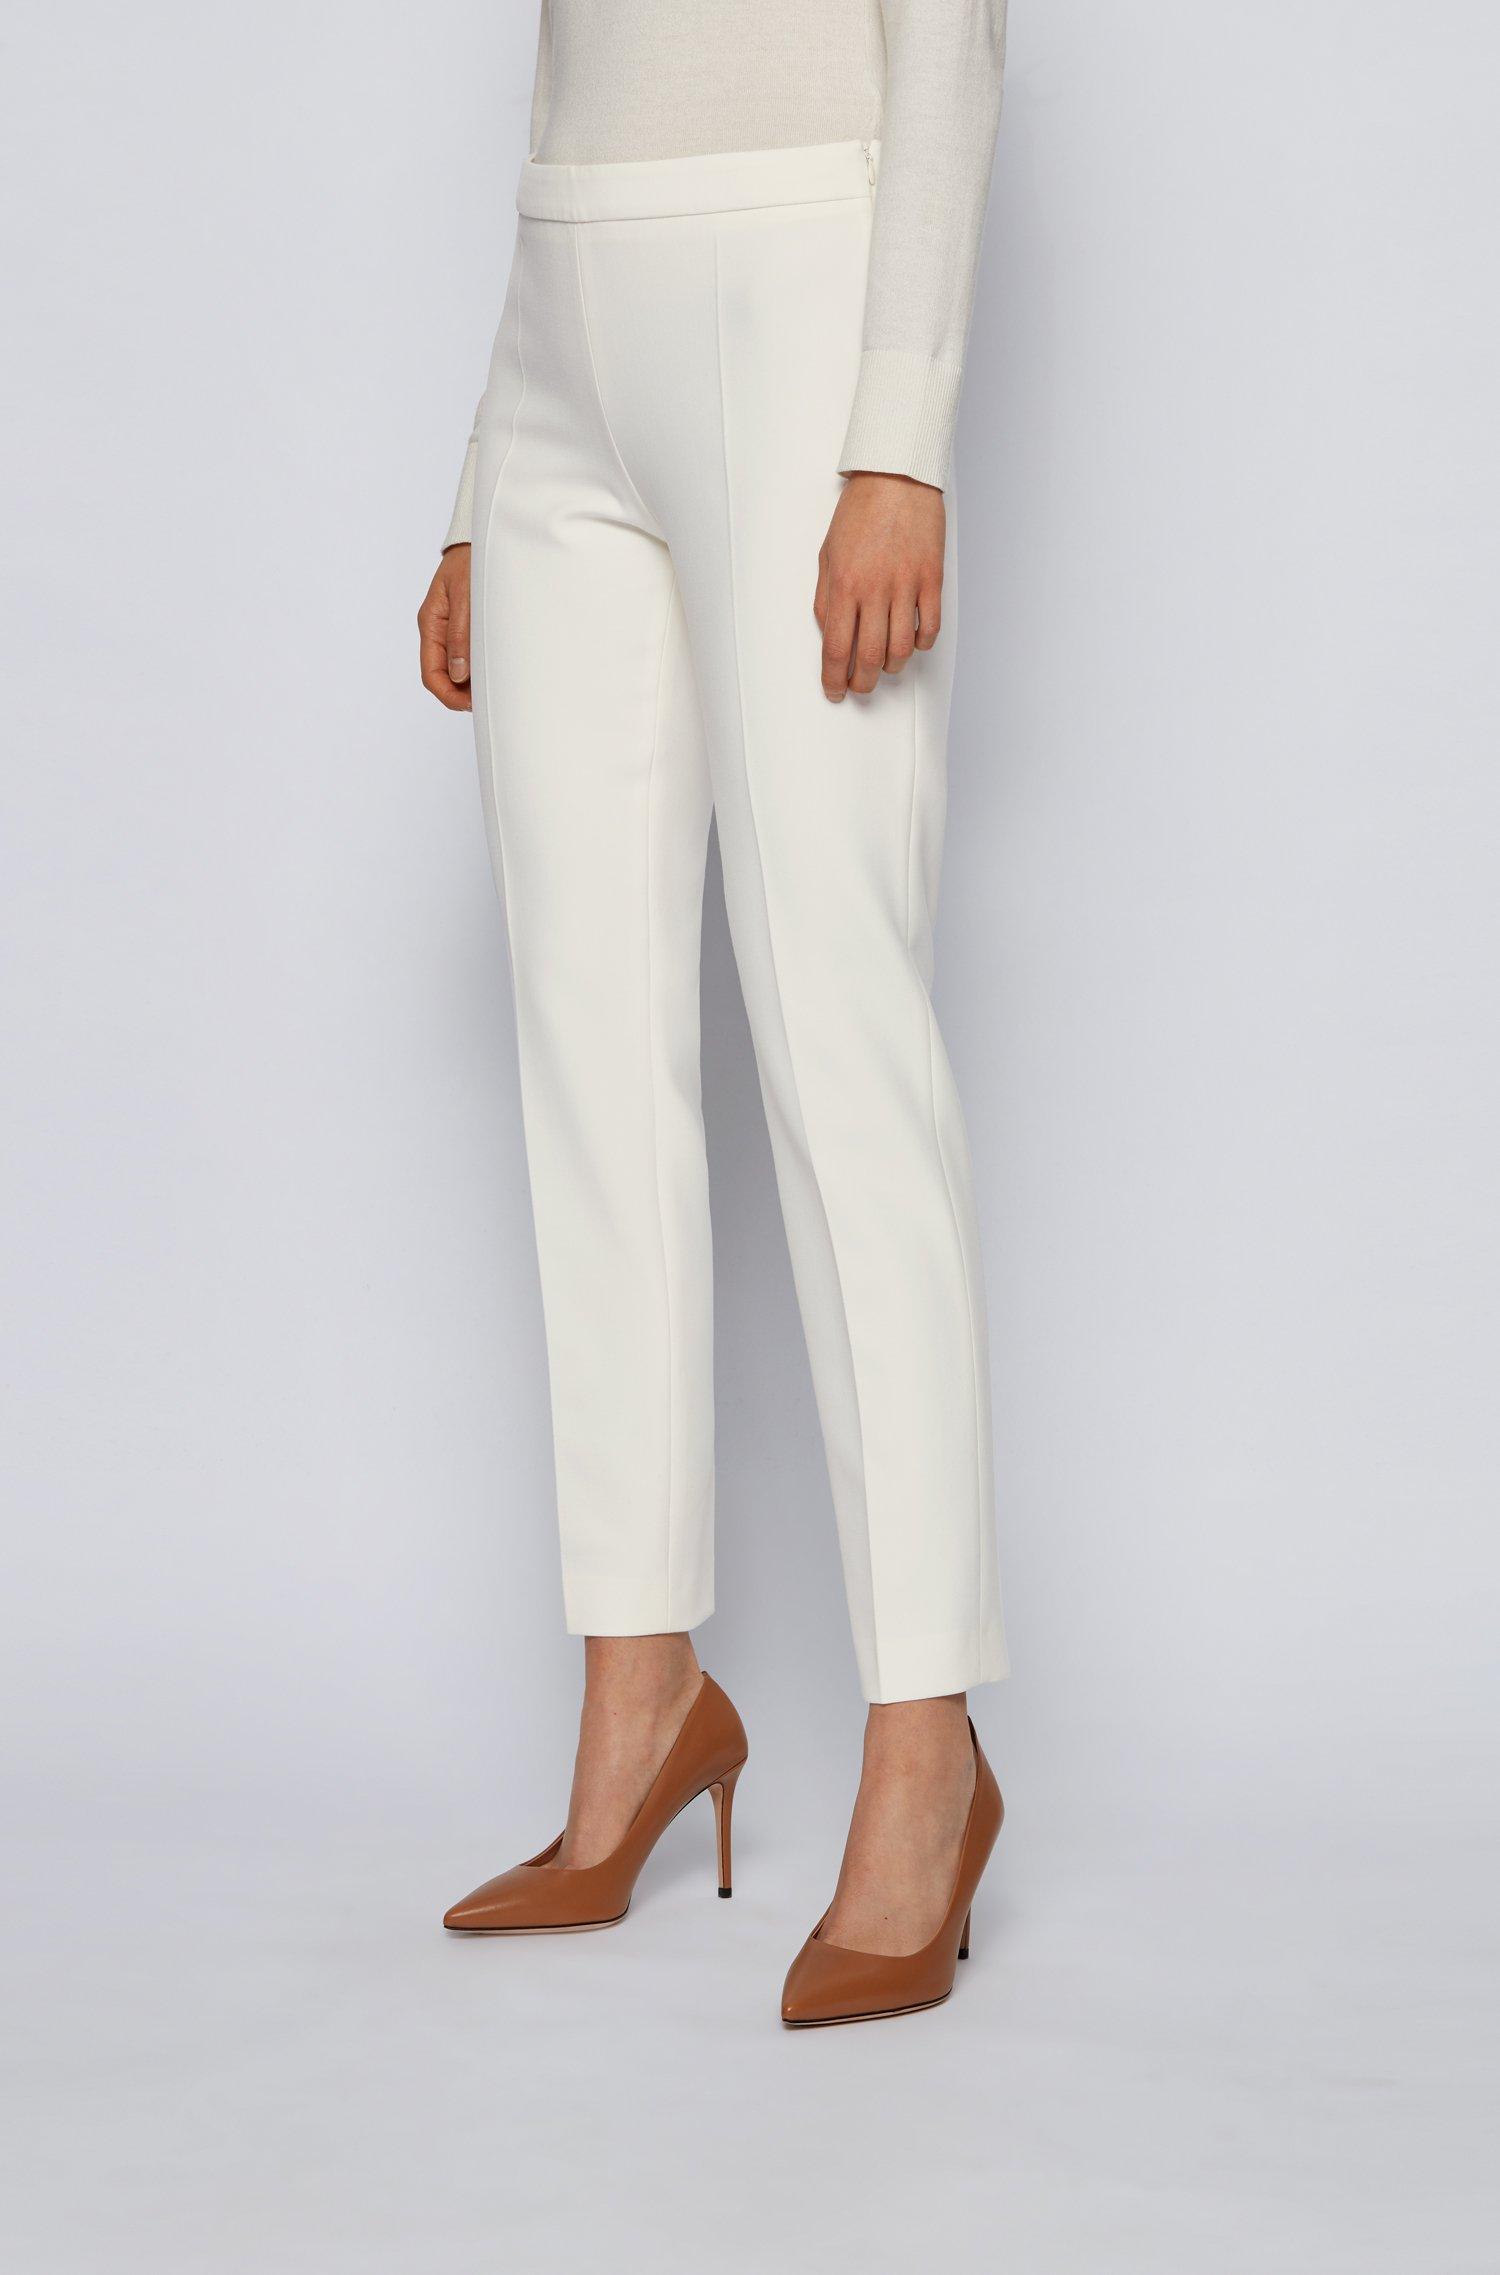 Kortere broek met slanke pijpen van Portugees stretchmateriaal, Wit